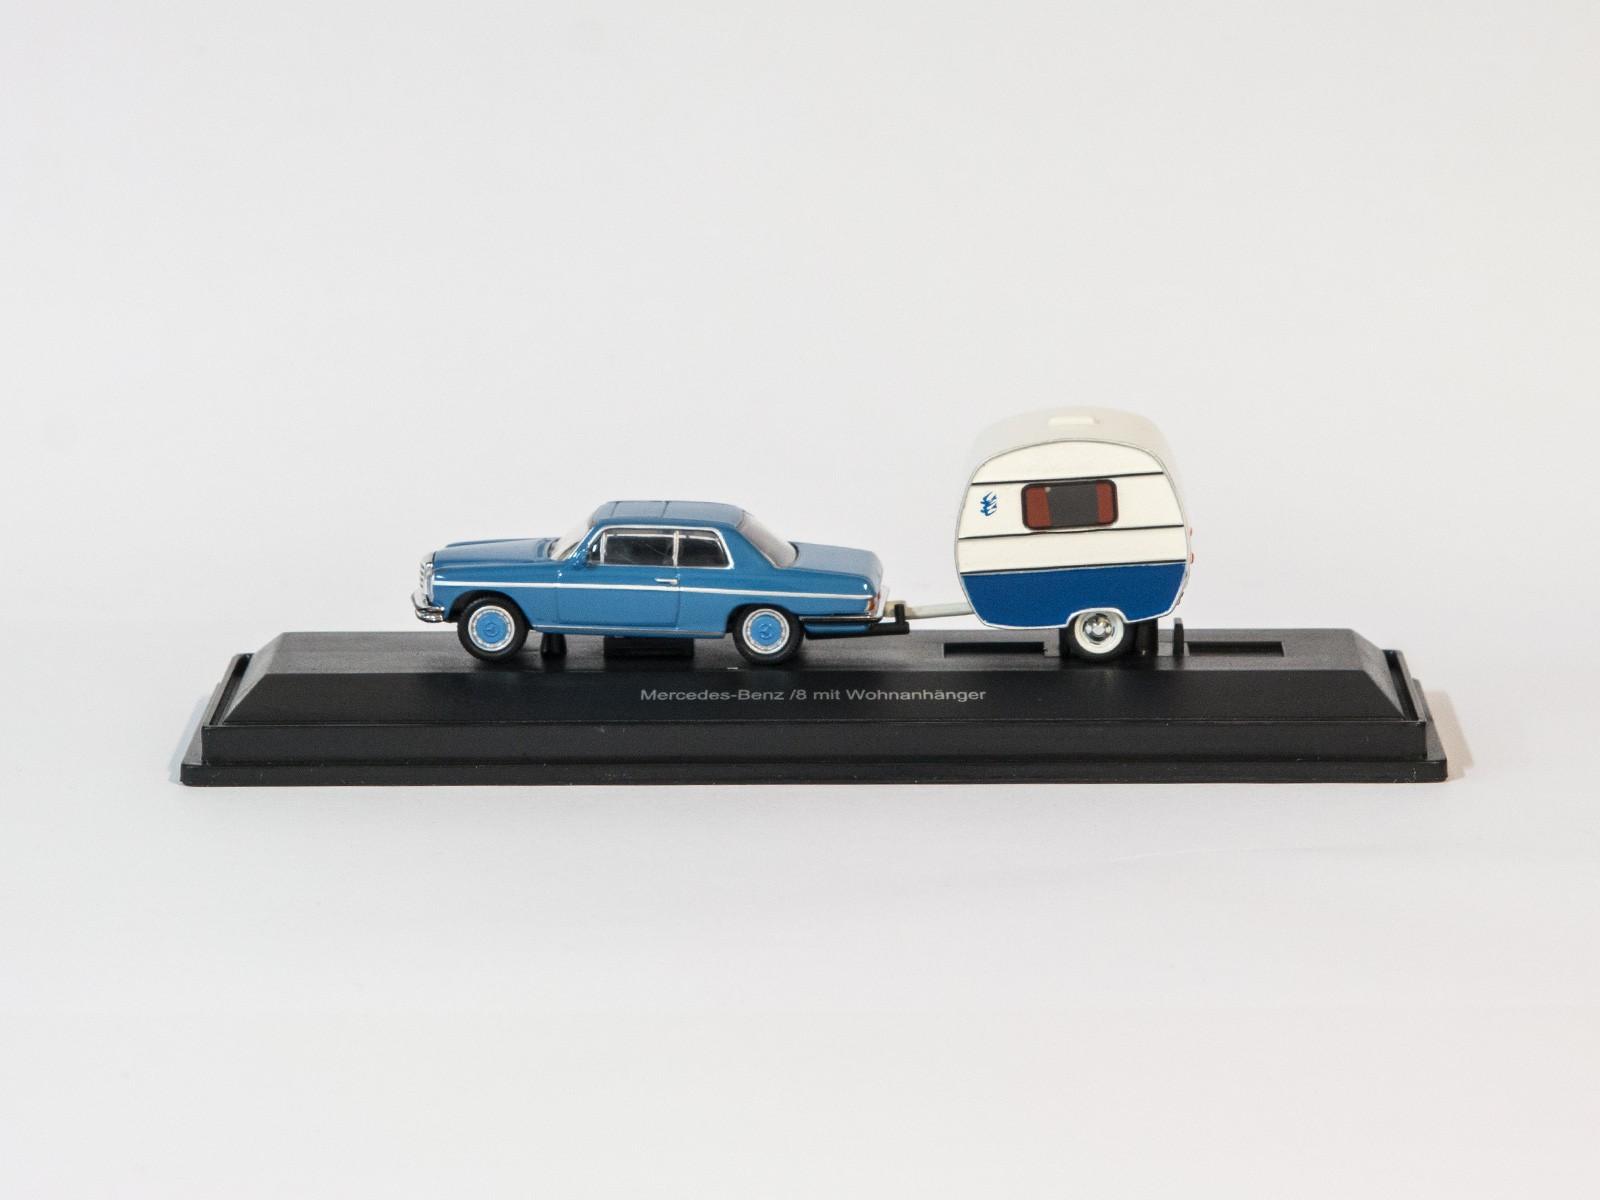 Schuco 26152 H0 Mercedes-Benz /8 mit Wohnanhänger